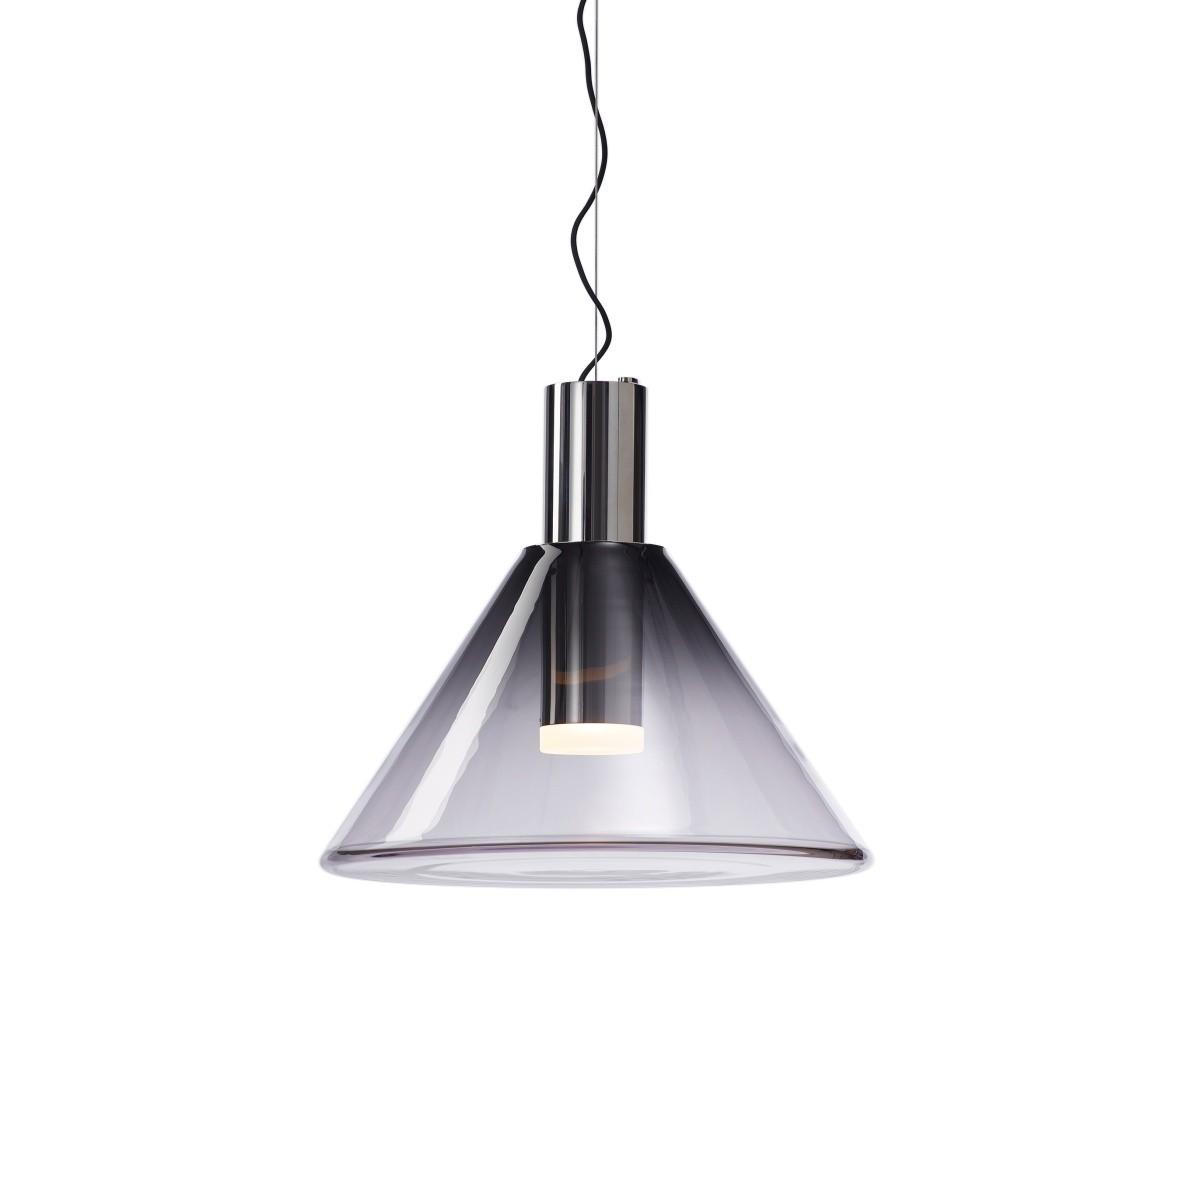 Geometryczna lampa wisząca Phenomena 01 ze srebrnym wykończeniem - Bomma